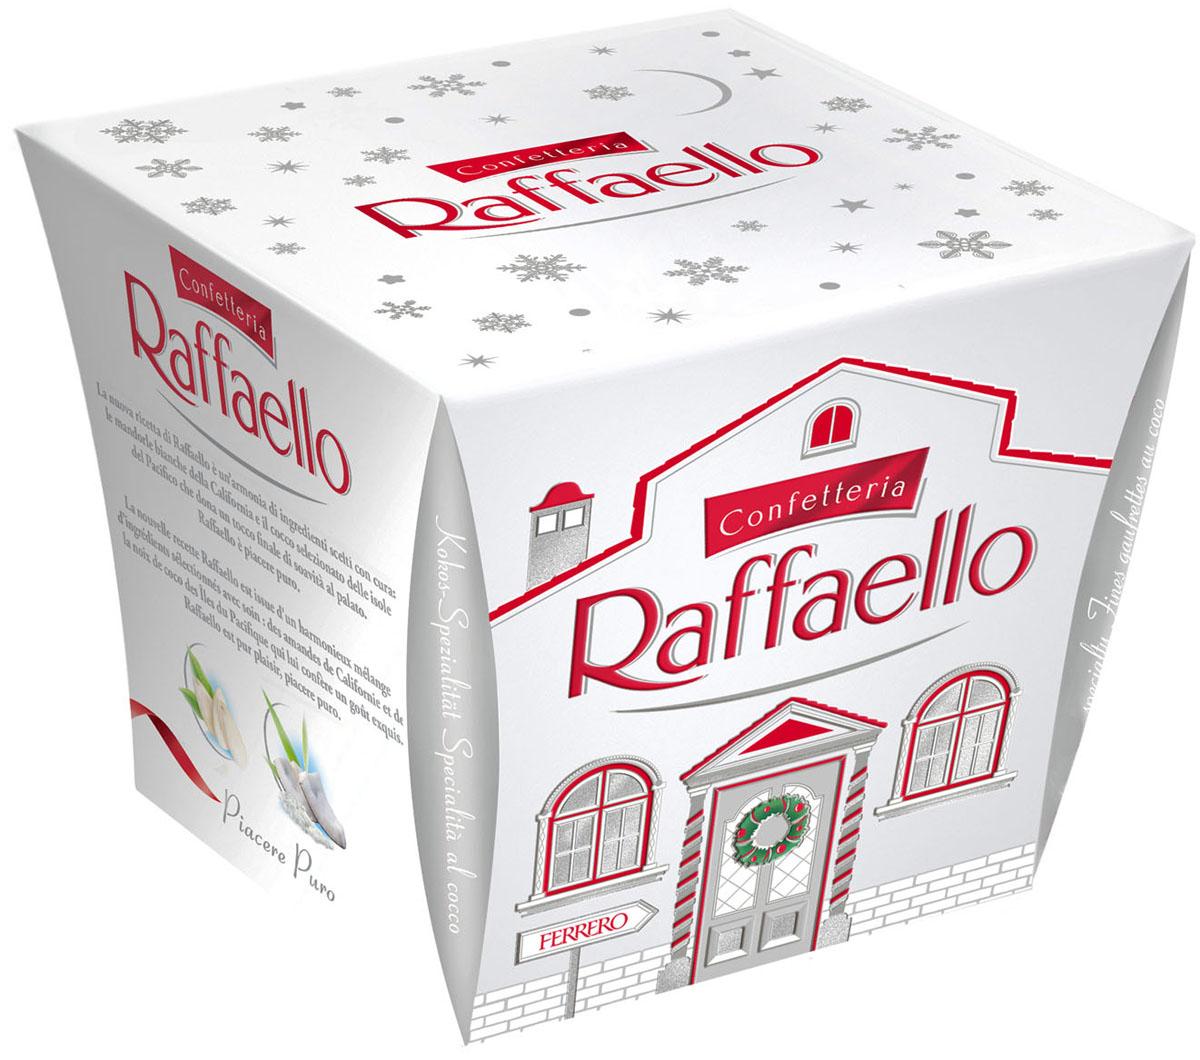 Raffaello конфеты с цельным миндальным орехом в кокосовой обсыпке, 150 г